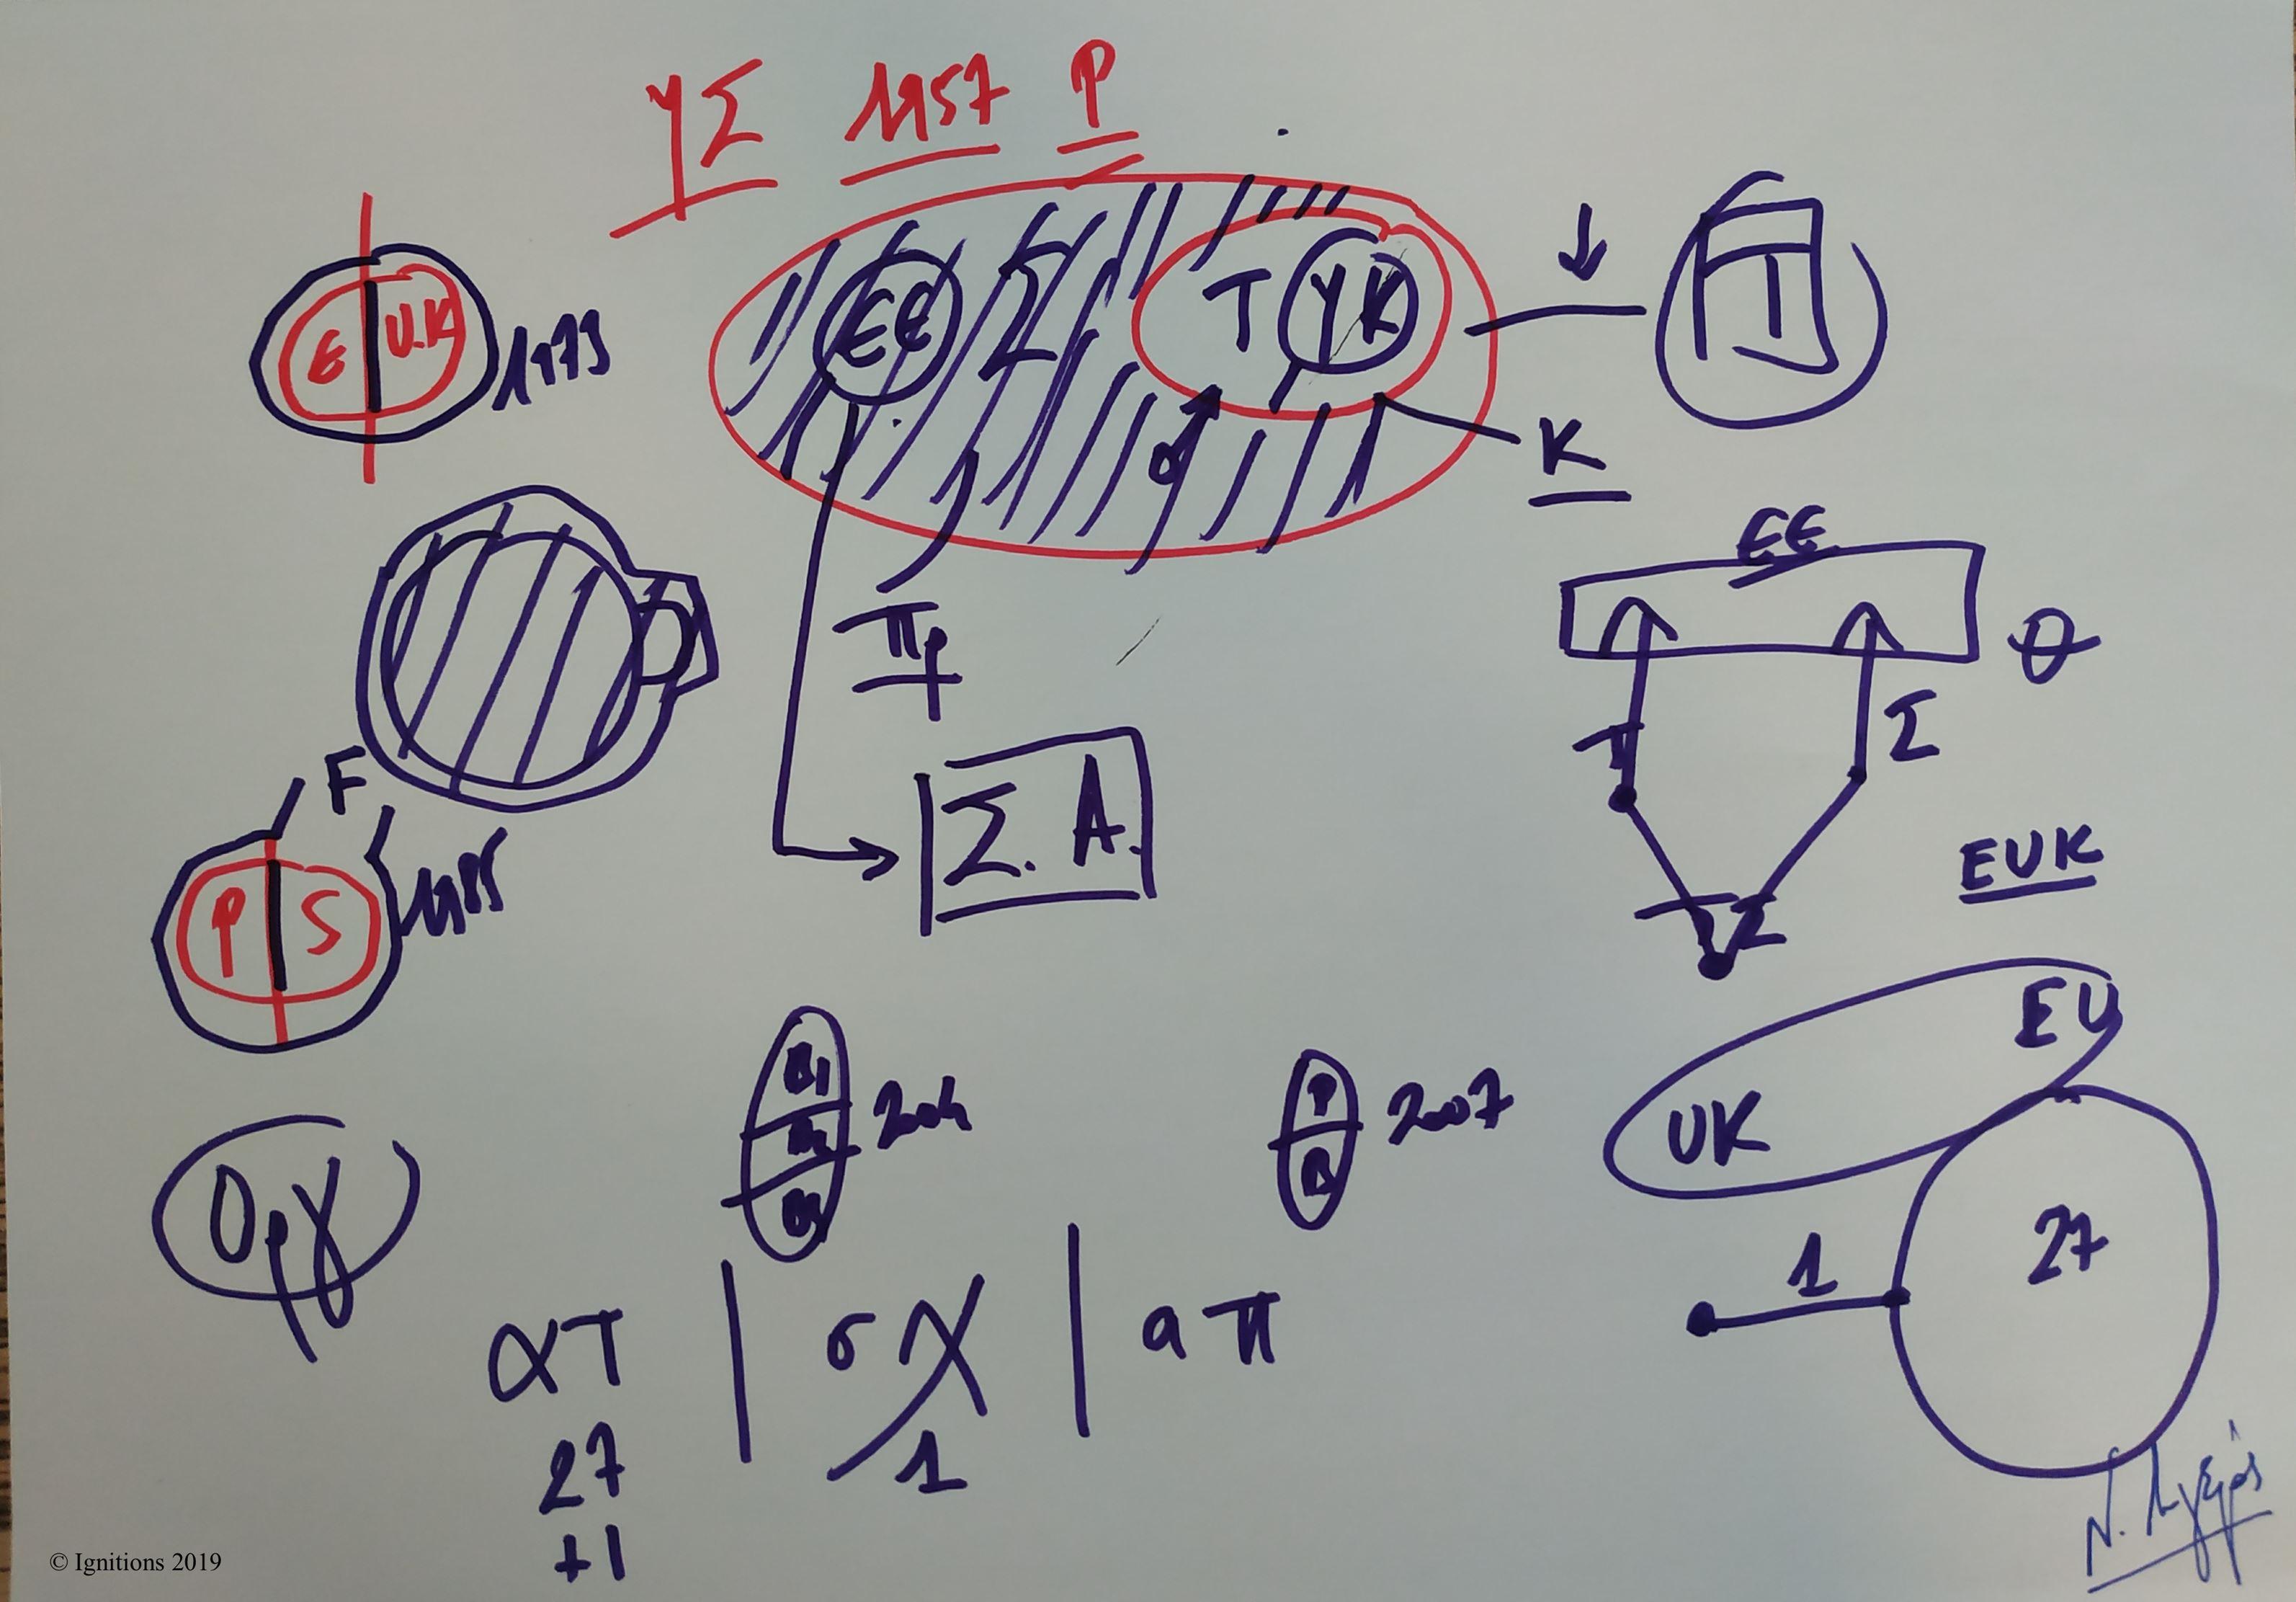 Στρατηγική, Μαθηματικά και Εφαρμογές VI. (Dessin)